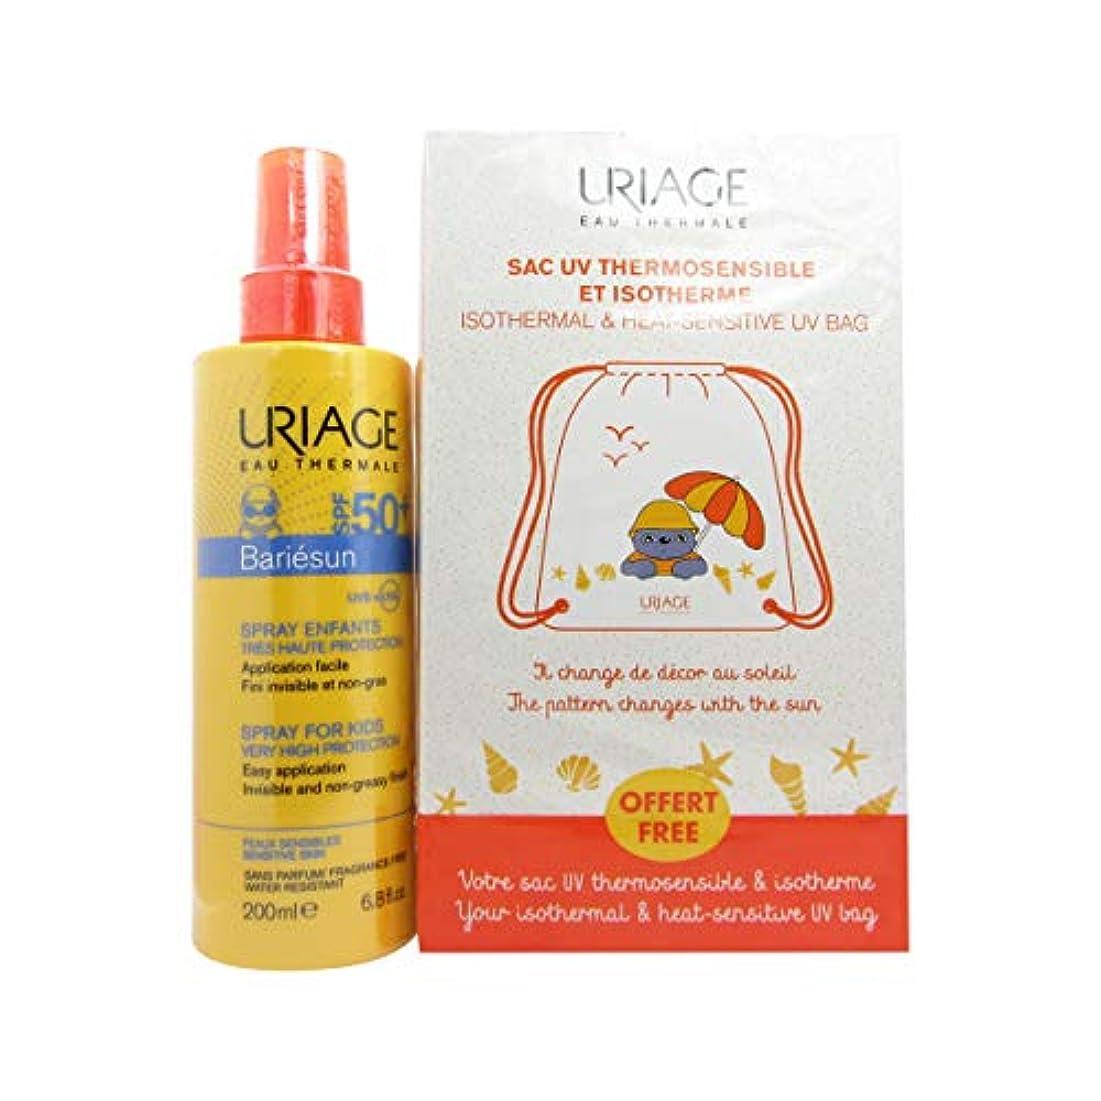 見捨てられた読書をするしっとりUriage Bariesun Spray Children SPF50+ 200ml+Offer Isothermal & Heat-Sensitive UV Bag